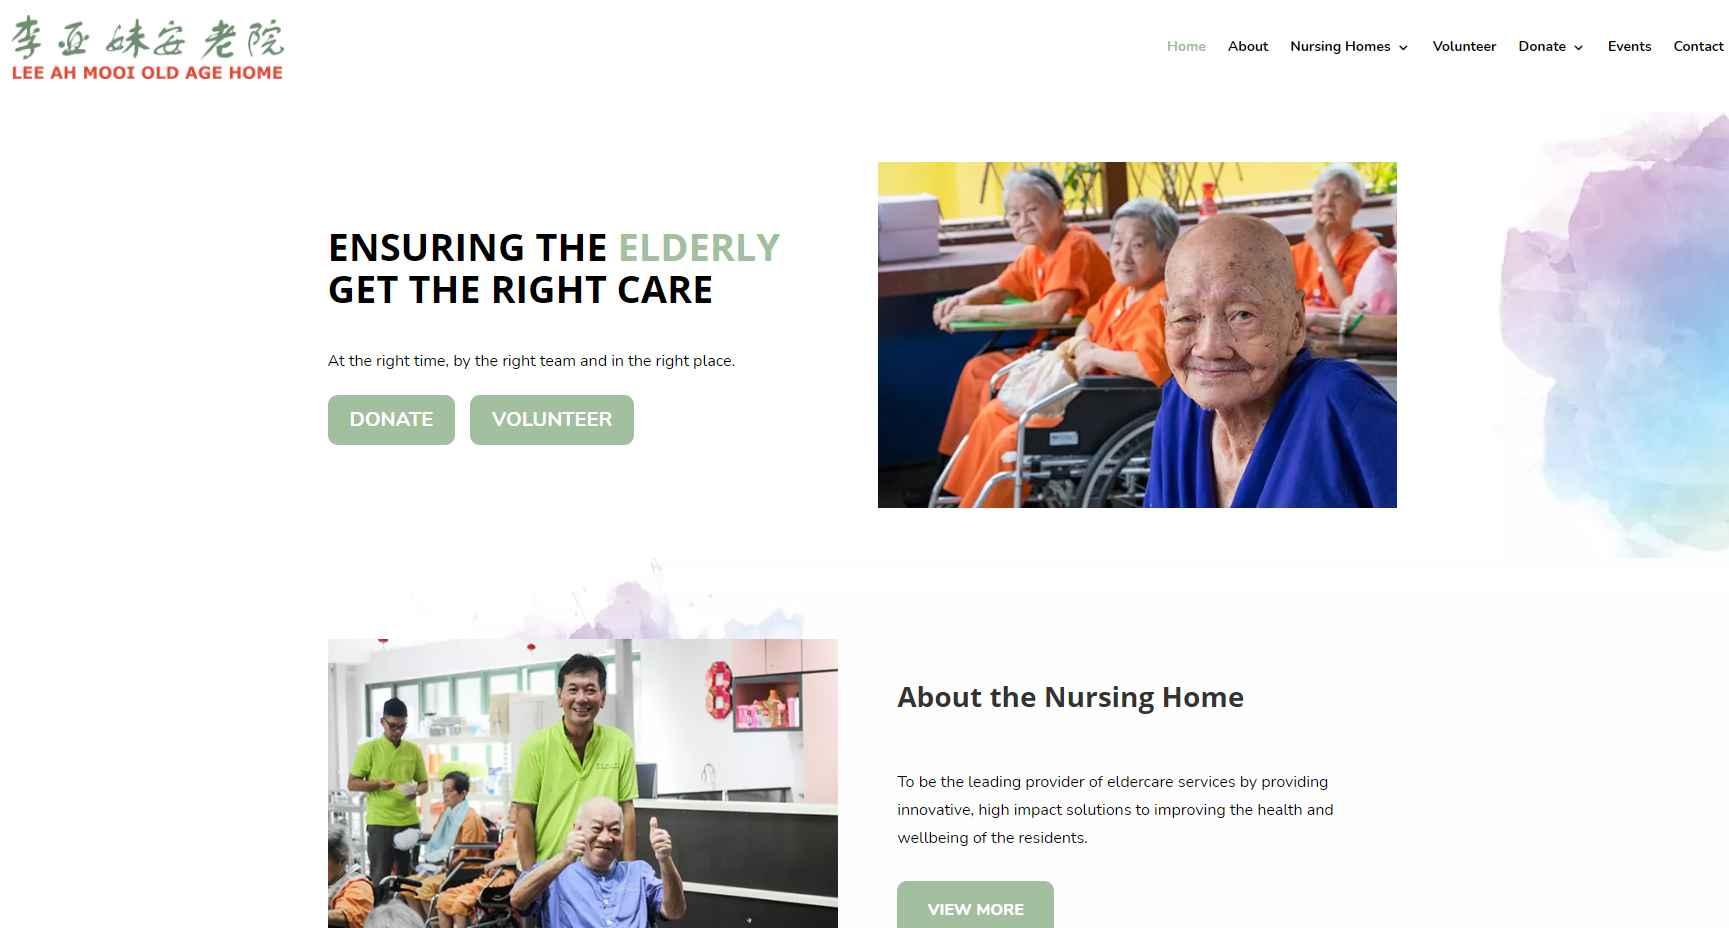 Lee Ah Mooi Top Nursing Homes in Singapore